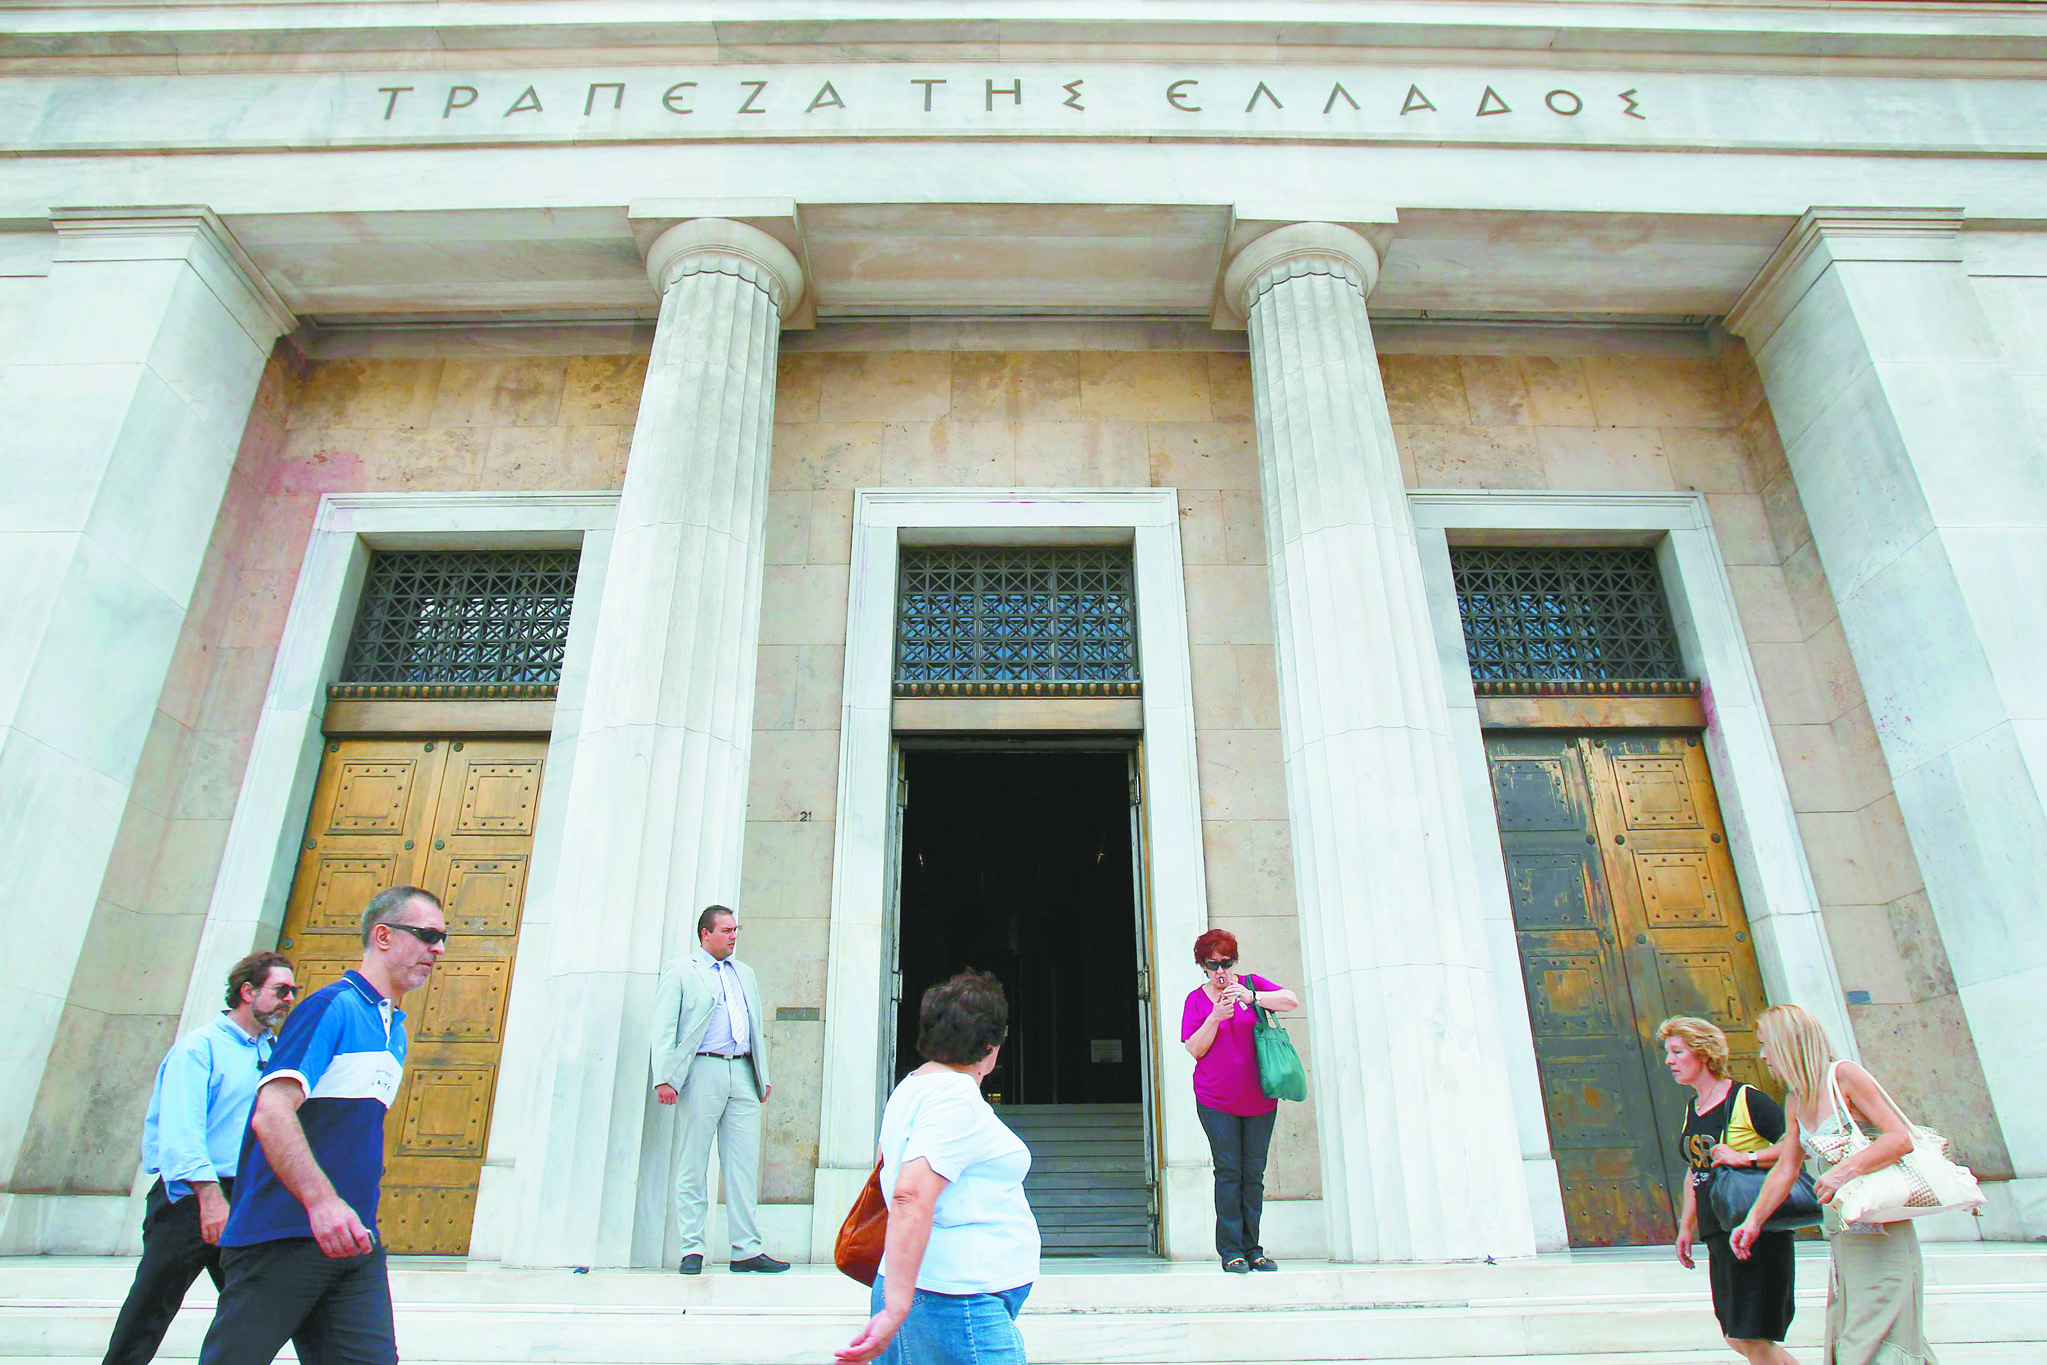 Υπουργείο Οικονομικών: Να εισπραχθούν οι οφειλές των τραπεζών στο Δημόσιο | tovima.gr